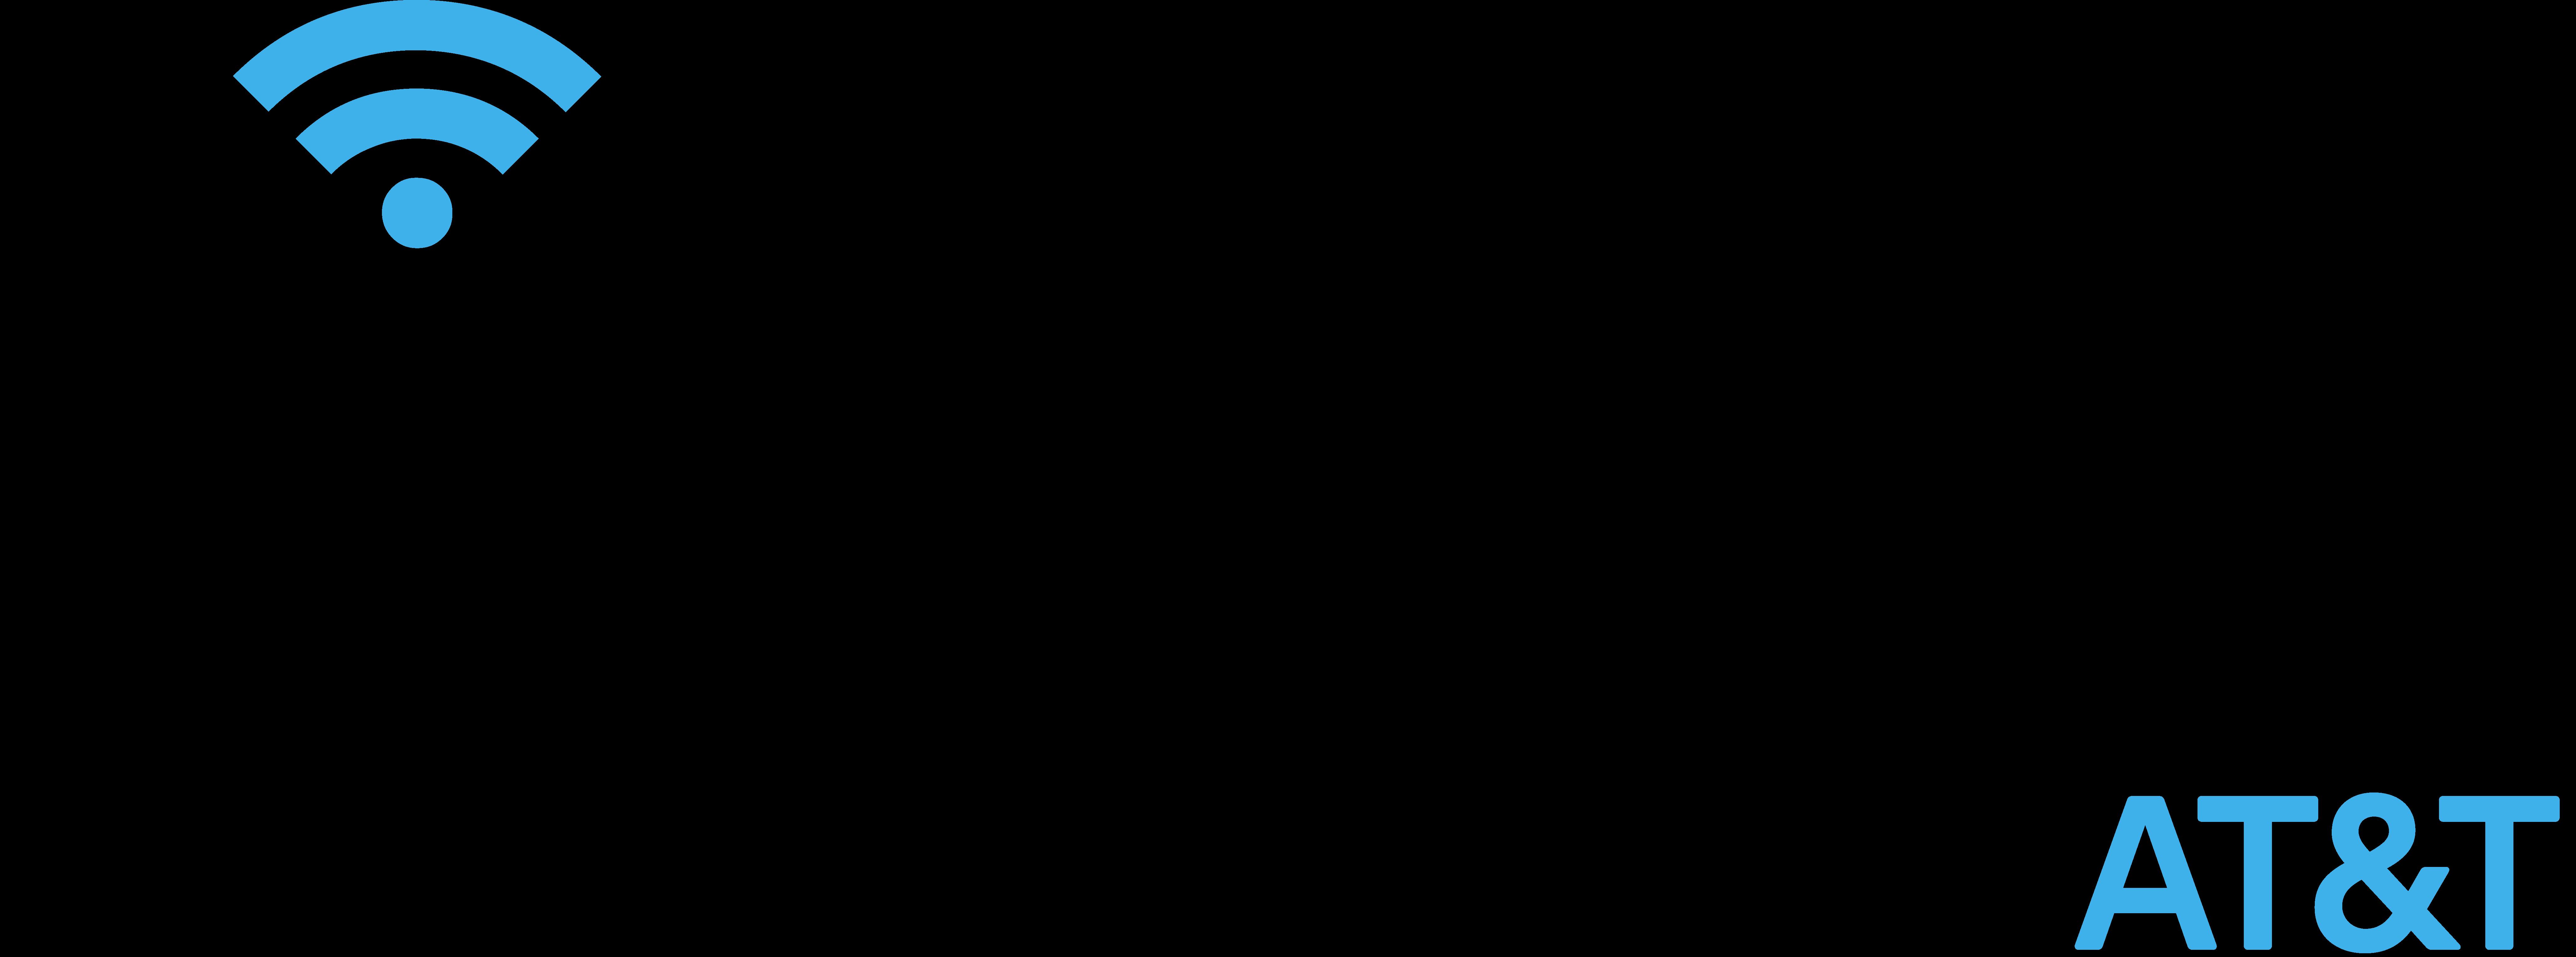 ATT_Access_logo_4C[1_[1_